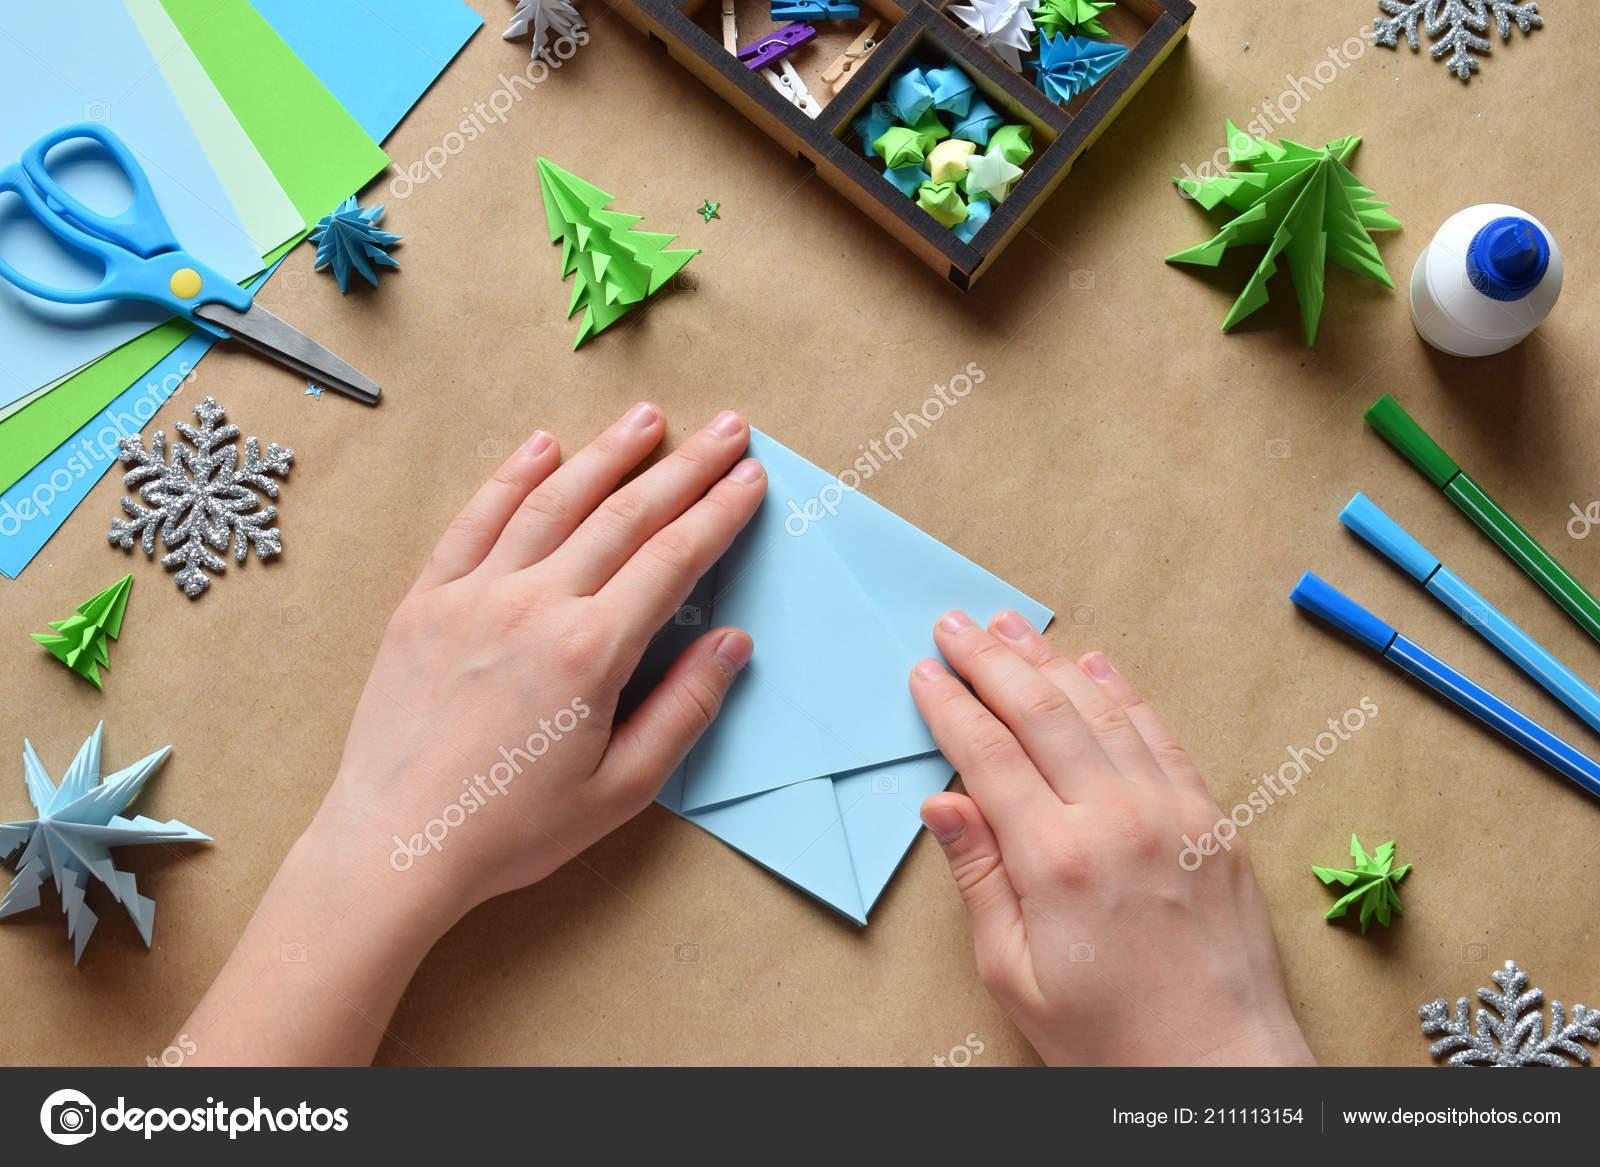 Decorar Arbol Navidad En Papel.Hacer Origami Arbol Navidad Con Papel Para Decoracion